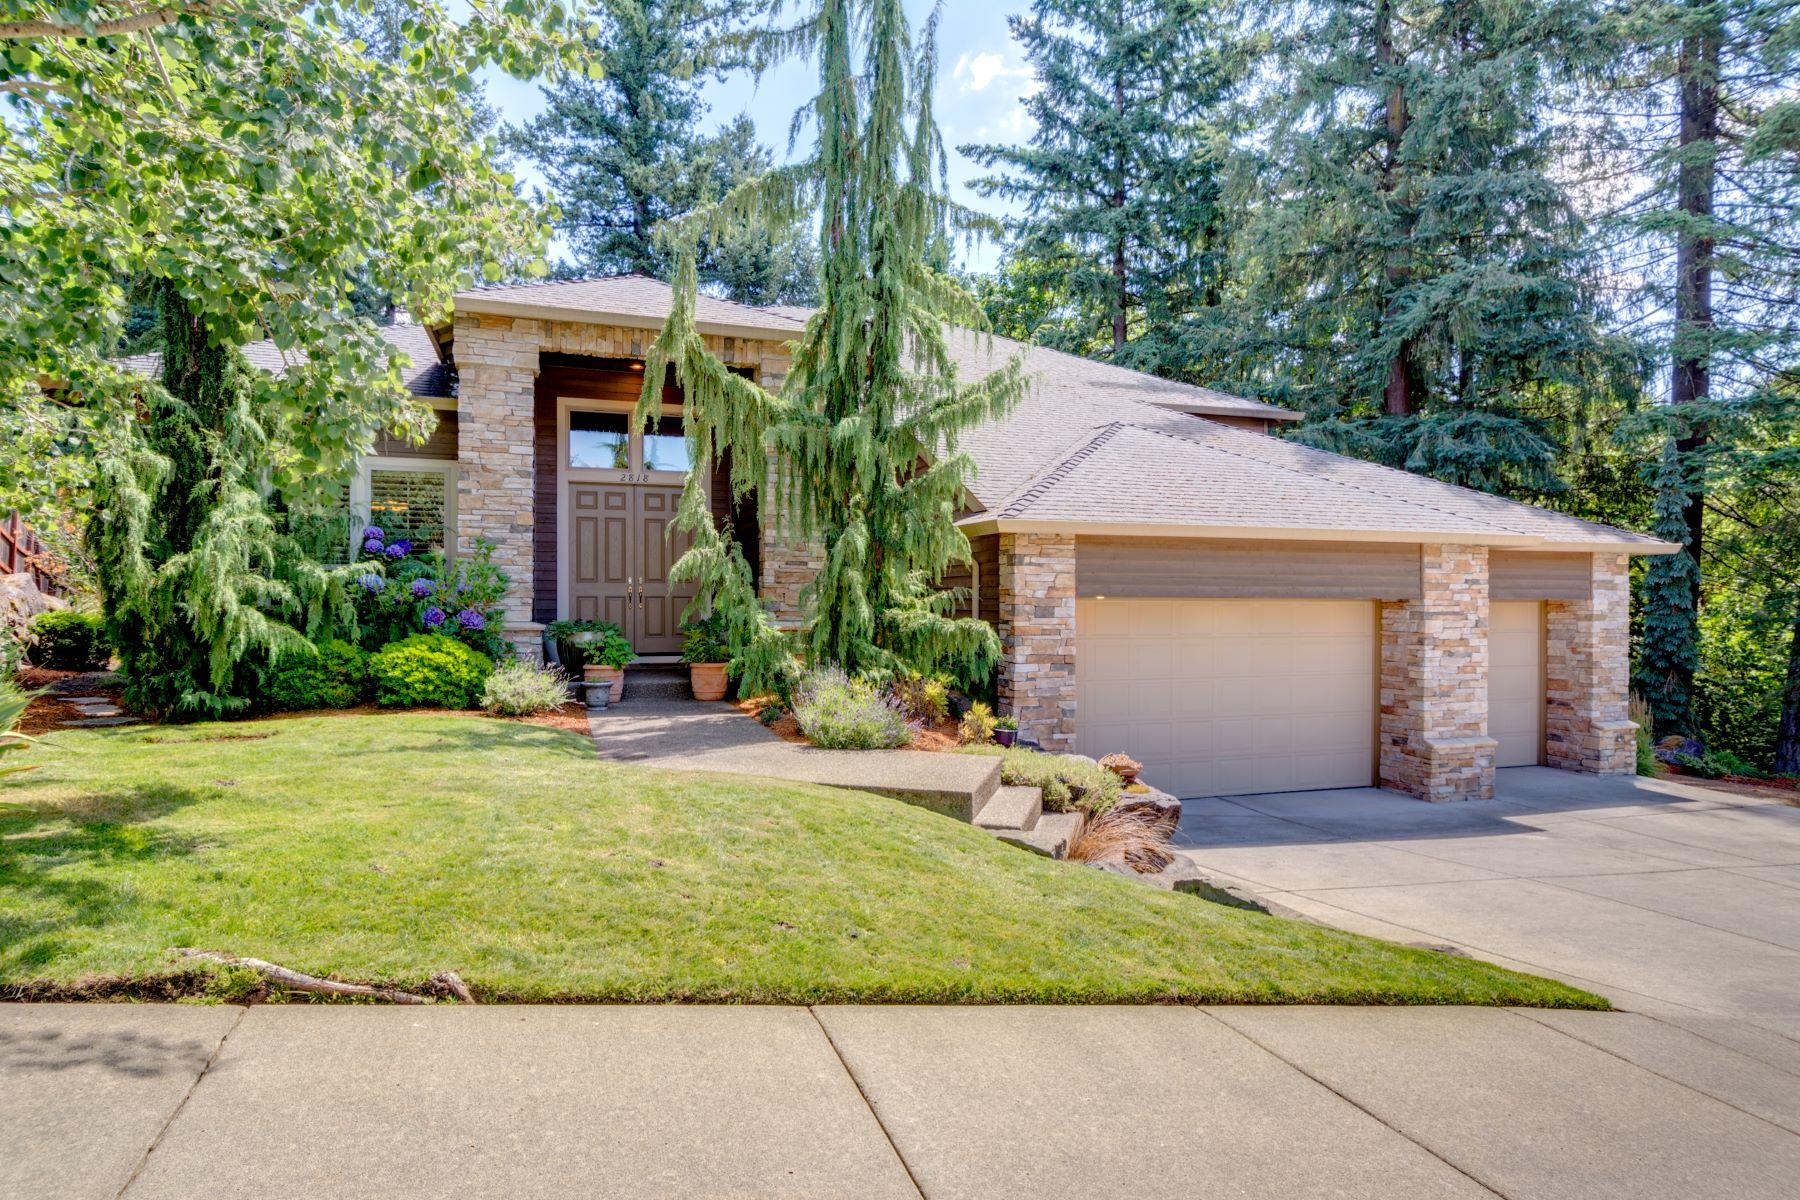 Μονοκατοικία για την Πώληση στο Superior Quality in Holly Hills 2818 NW DAHLIA CT Camas, Ουασινγκτον 98607 Ηνωμενεσ Πολιτειεσ